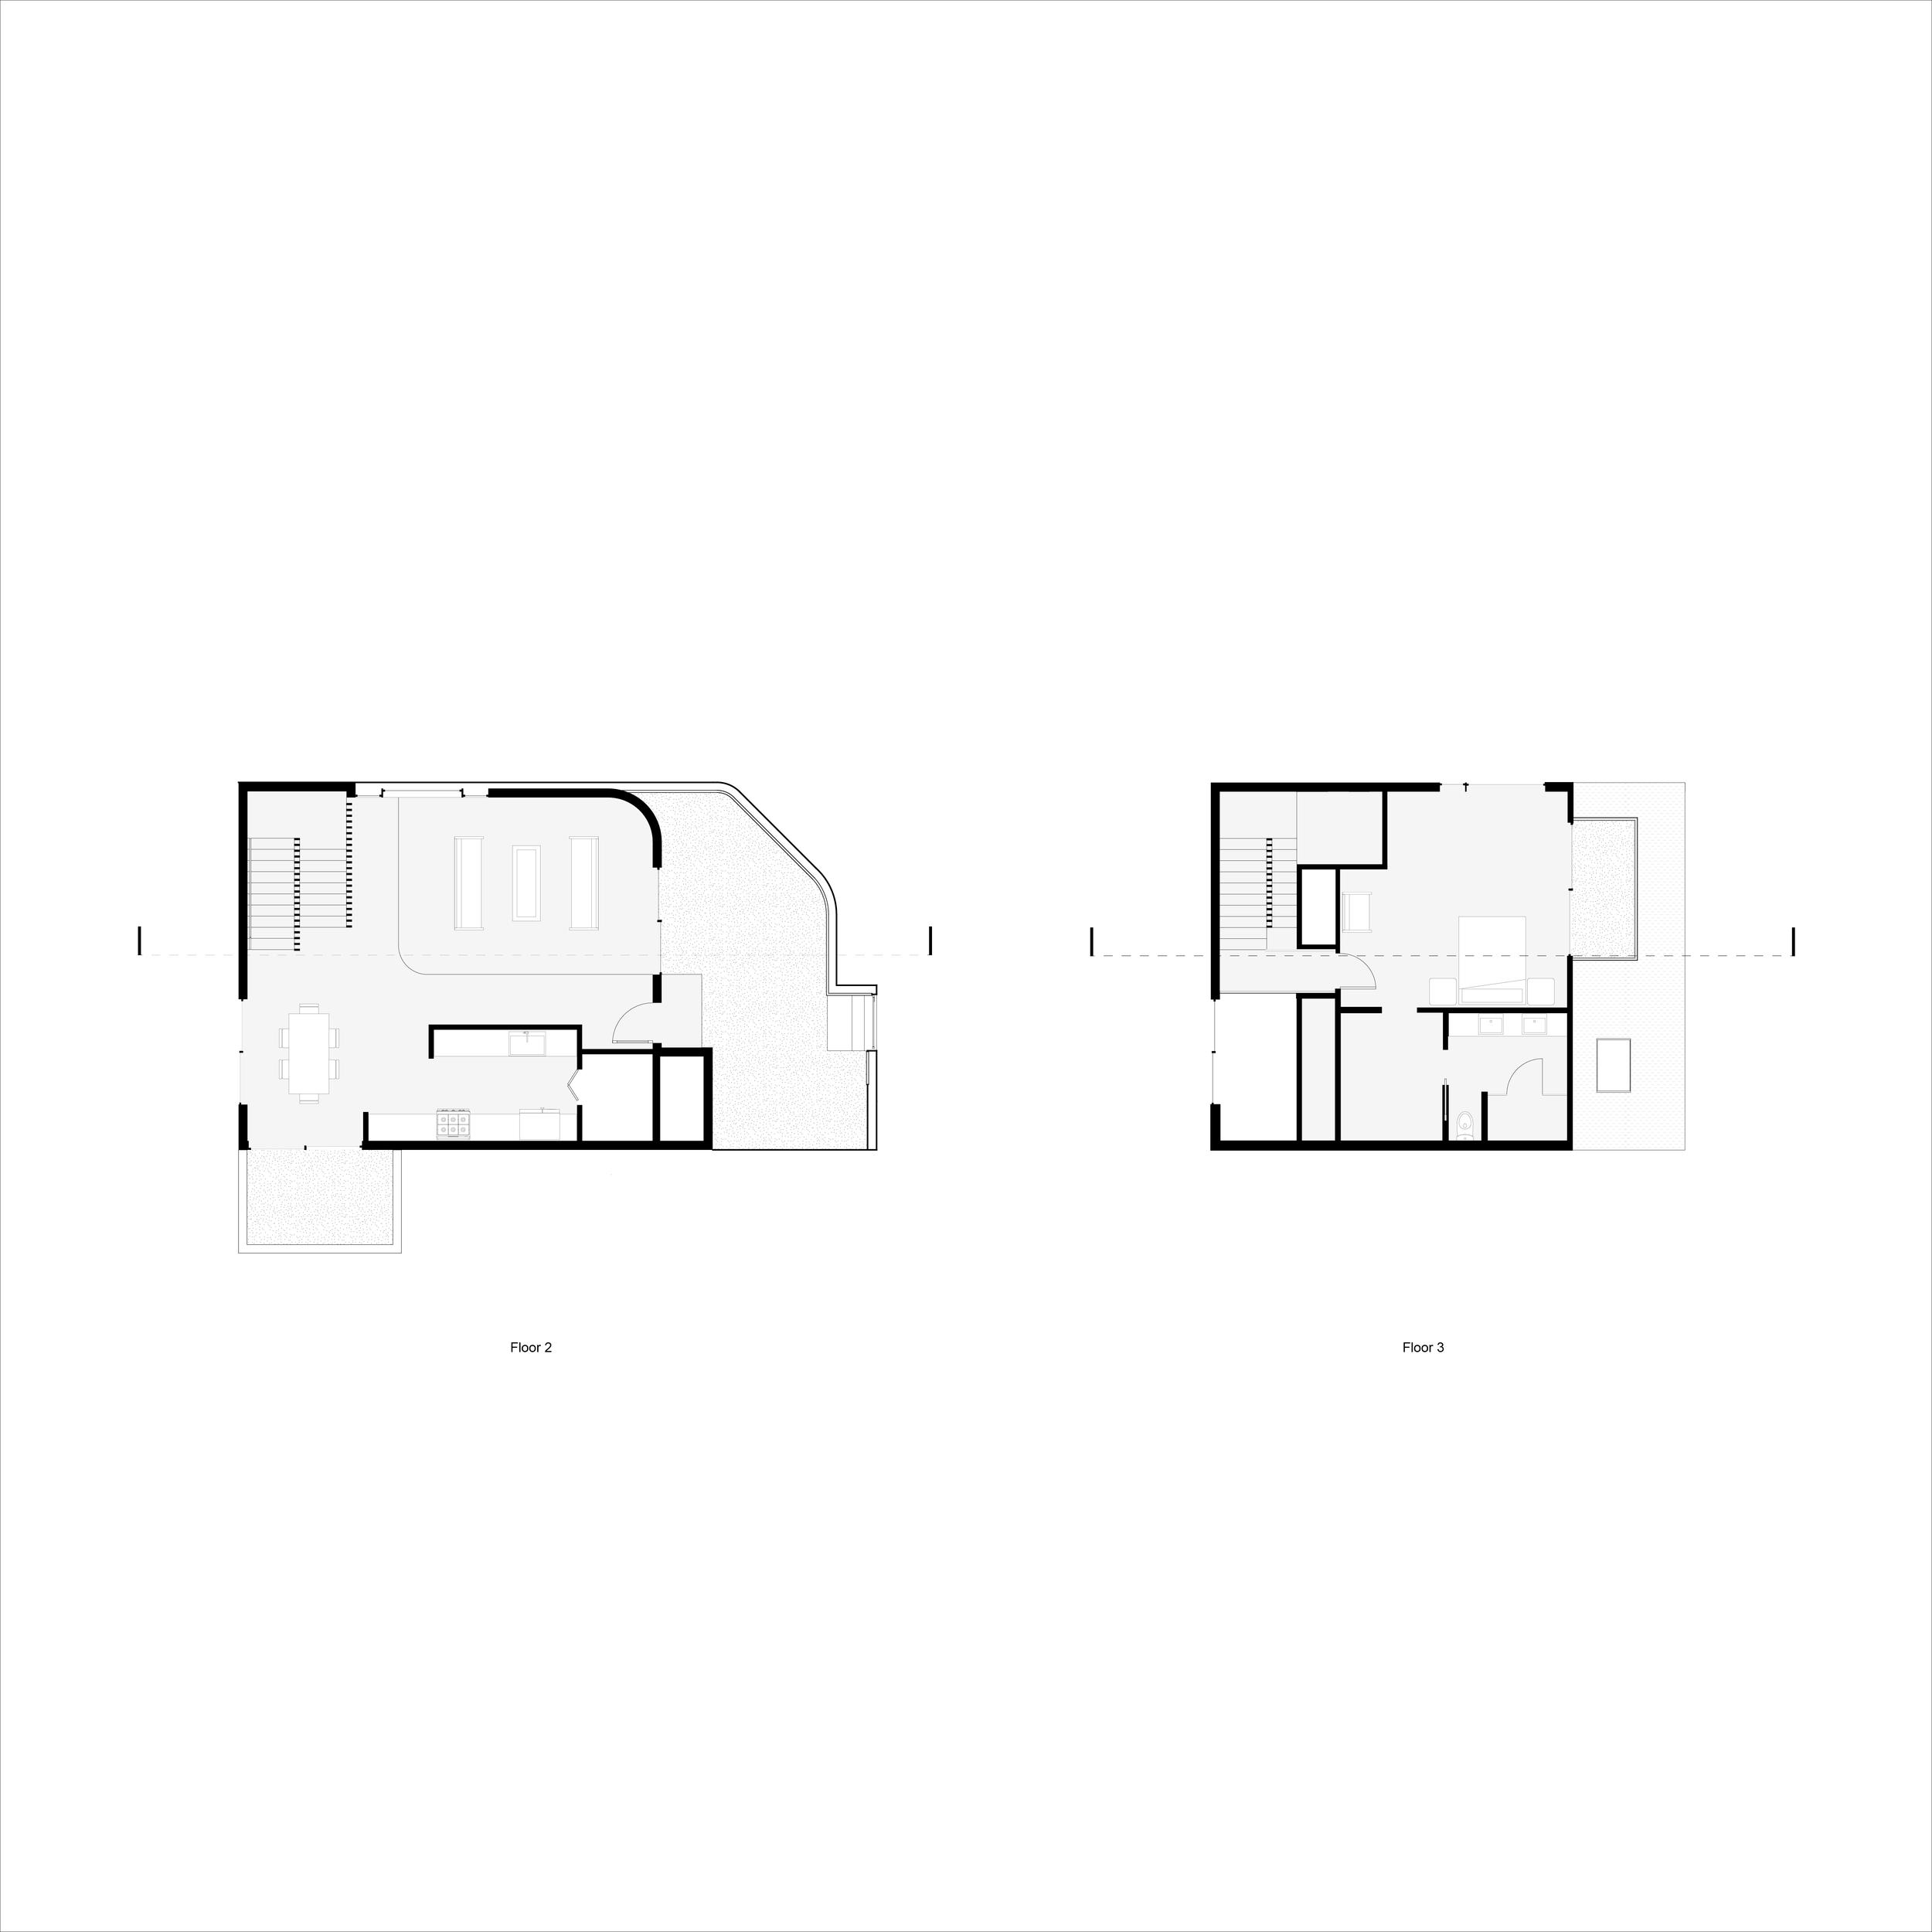 Floor Plans-01-02.png